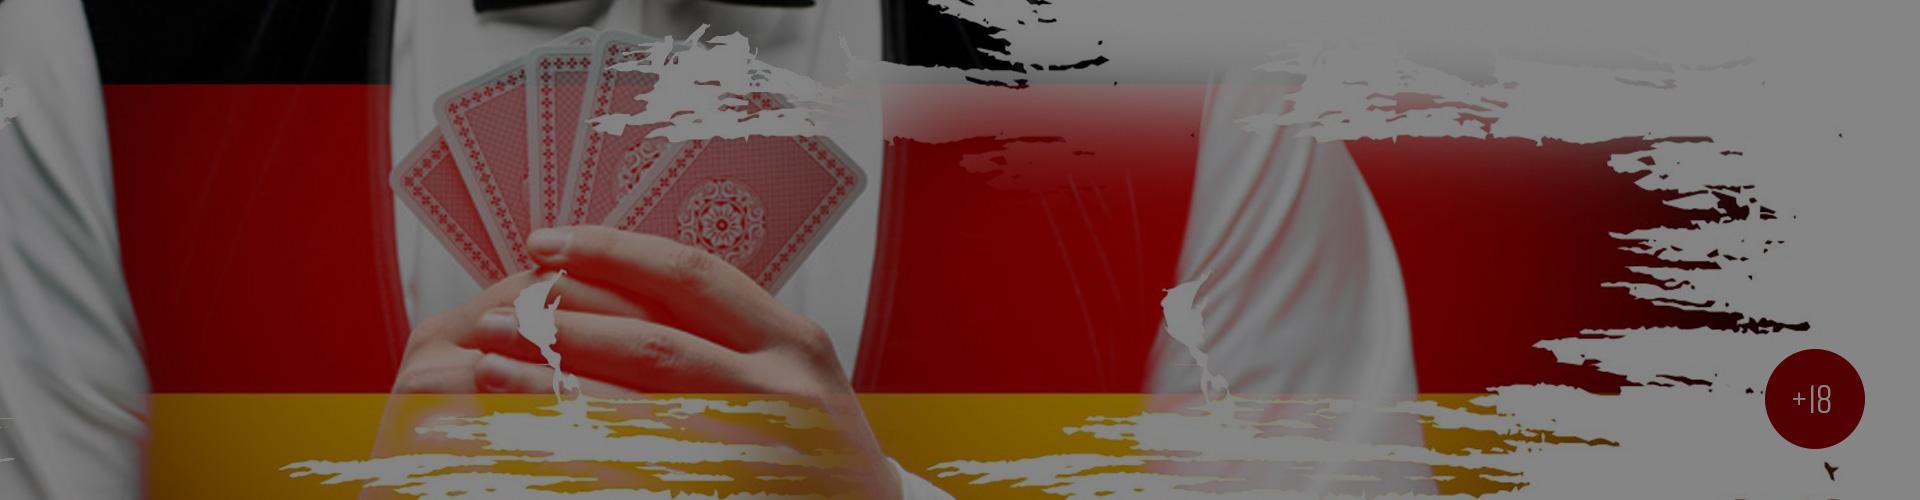 Ab wann sind Sportwetten in Deutschland erlaubt?